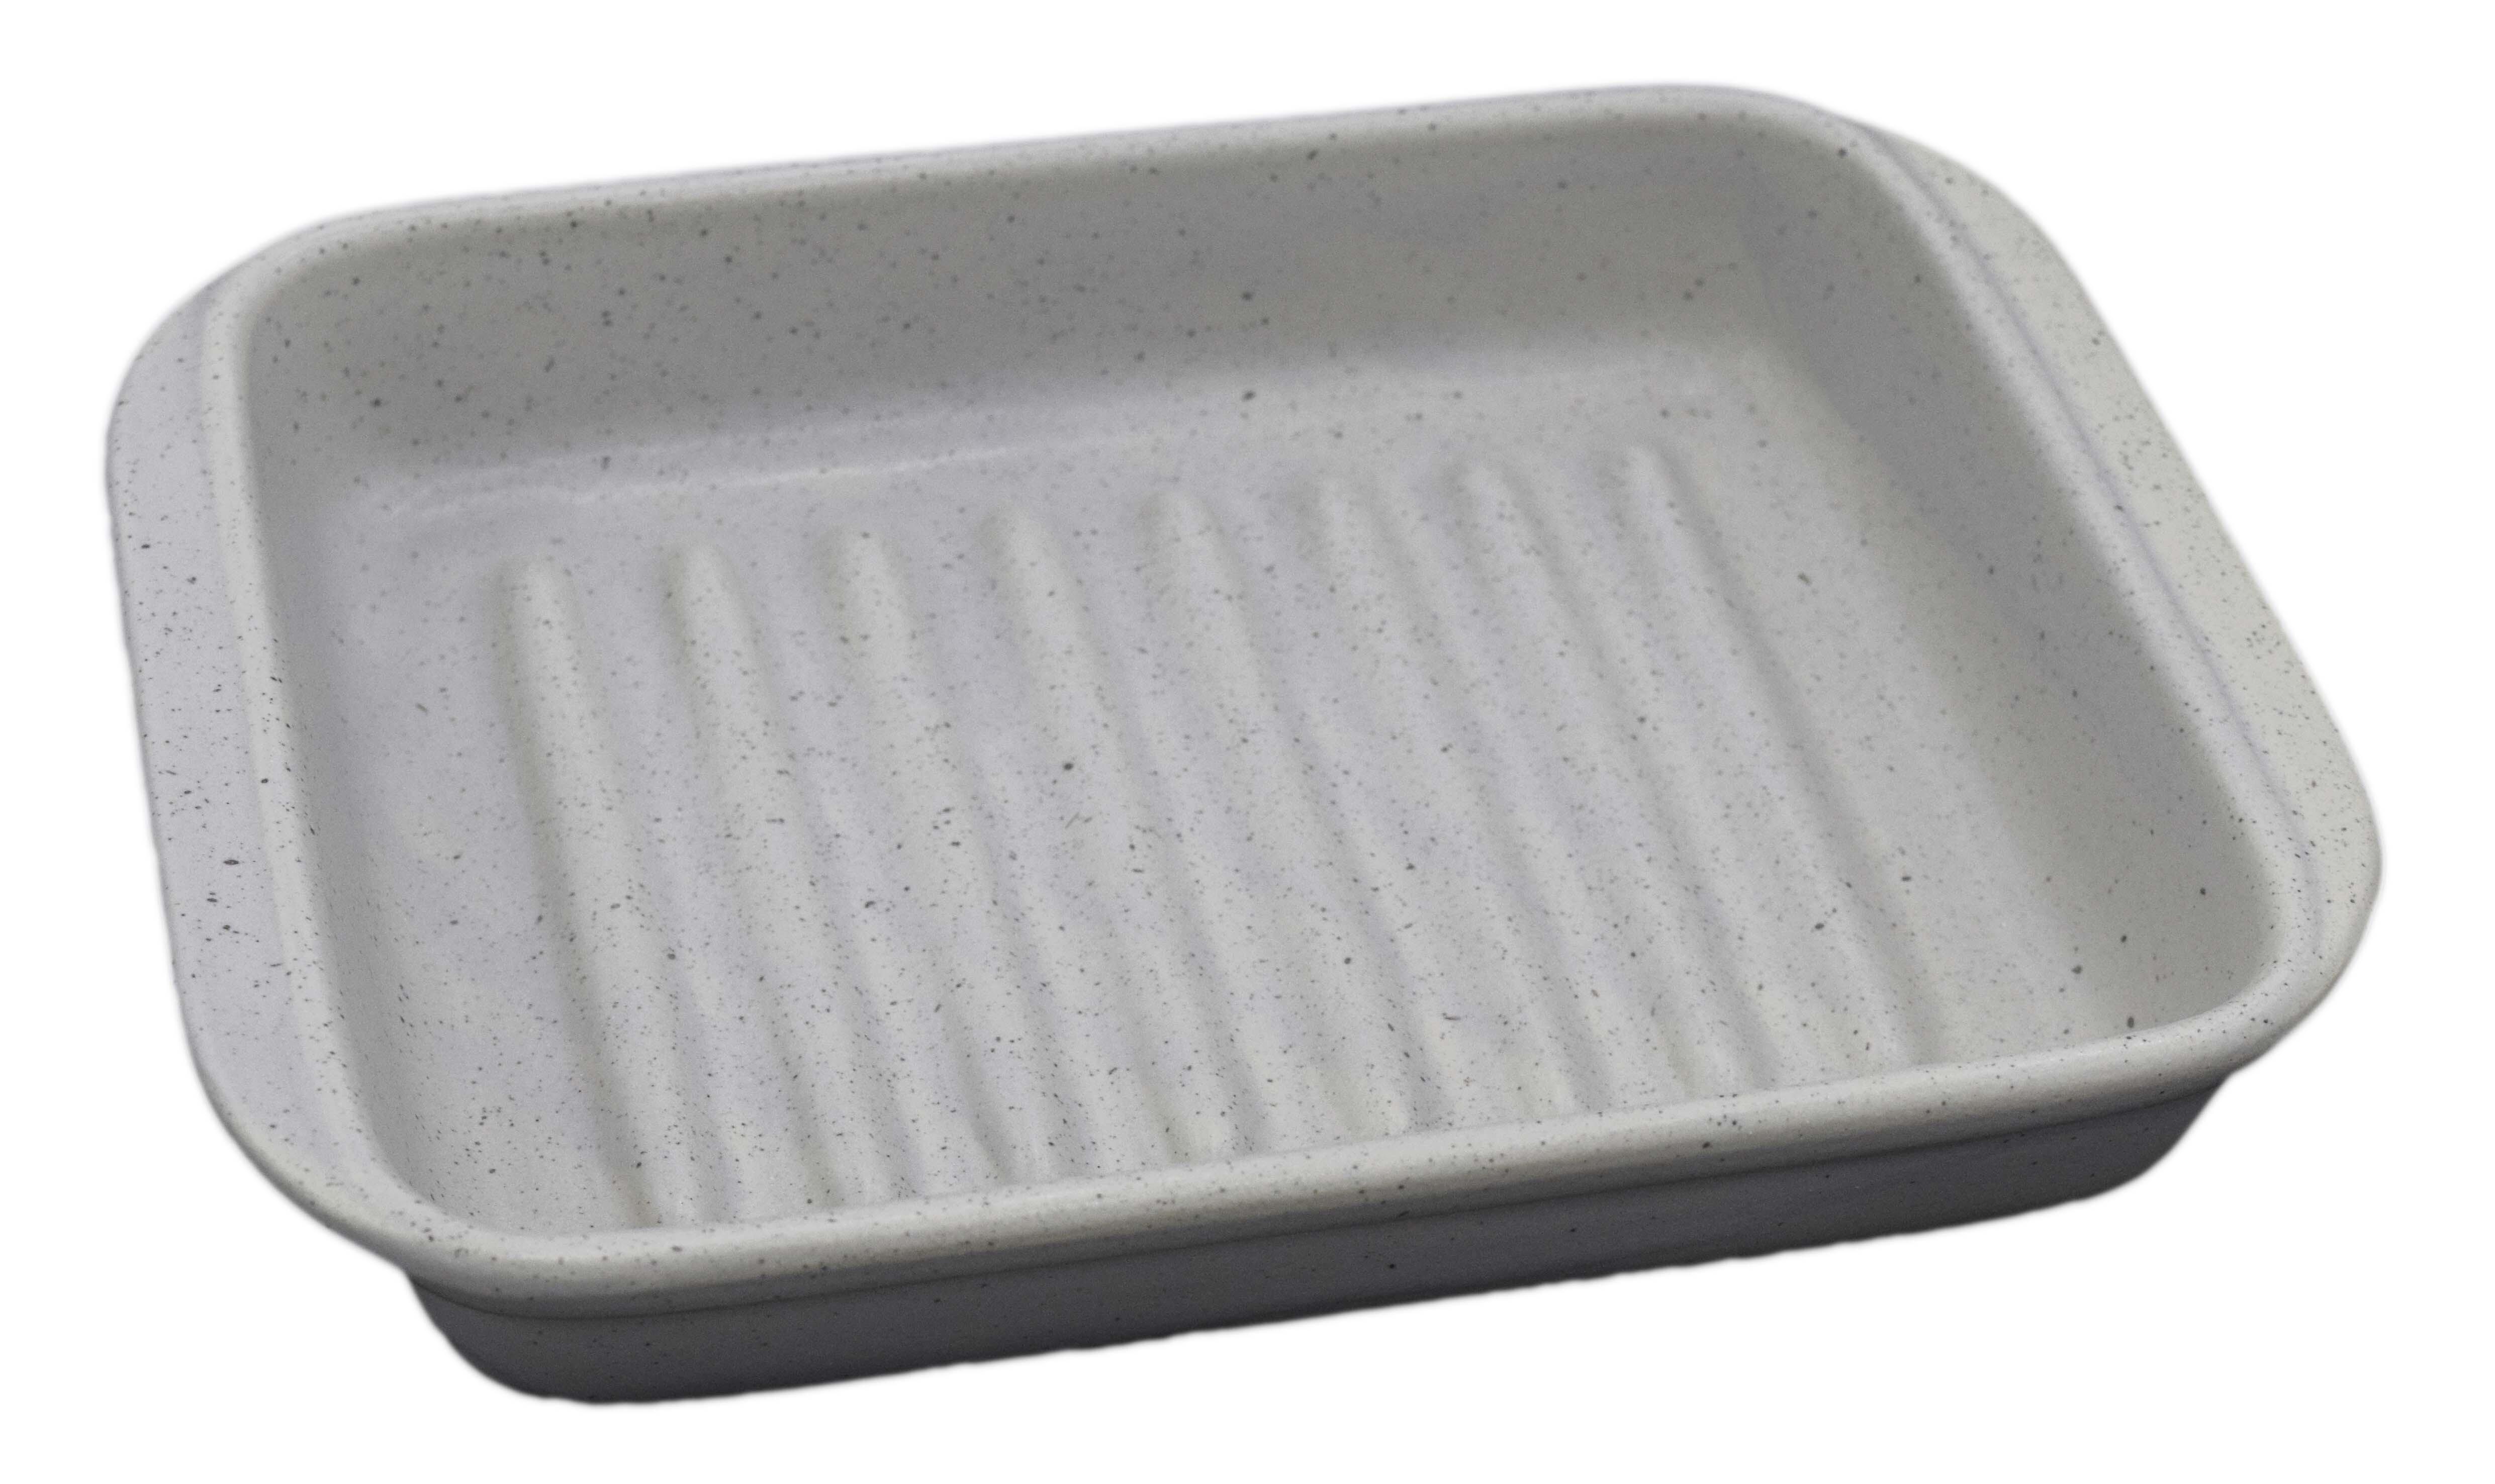 グリラーディッシュ ストーン 魚焼きグリルに入るサイズ グリル料理をそのまま食卓へ、陶器の蓄熱で温かいまま